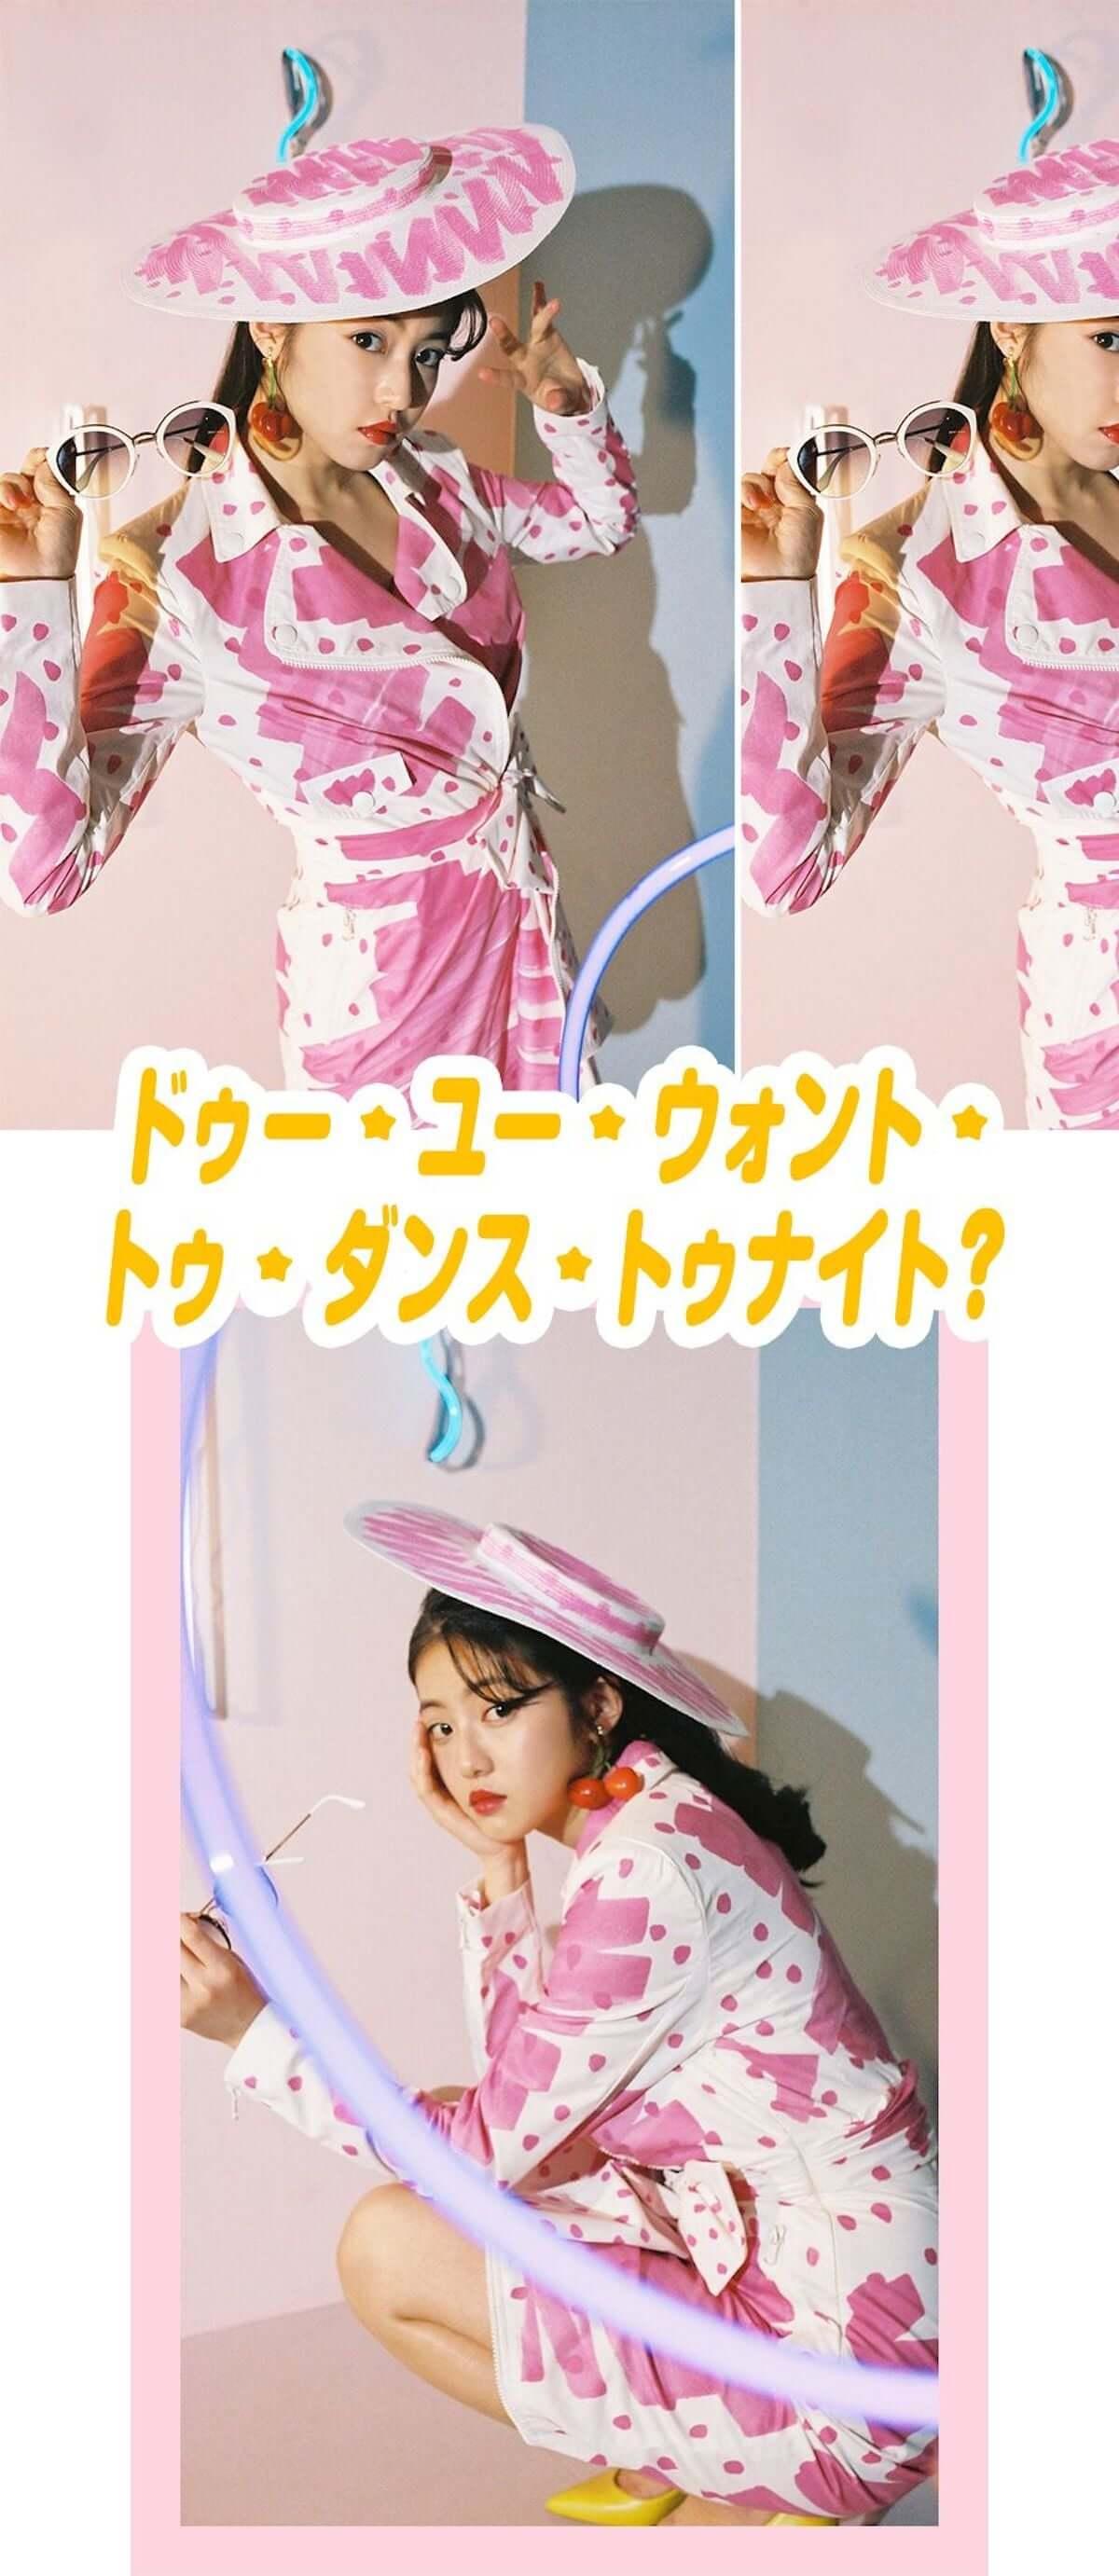 今田美桜が懐かしいアイドルに大変身!『VOGUE GIRL』の企画「GIRL OF THE MONTH」に登場 life190328_imadamio_2-1200x2763